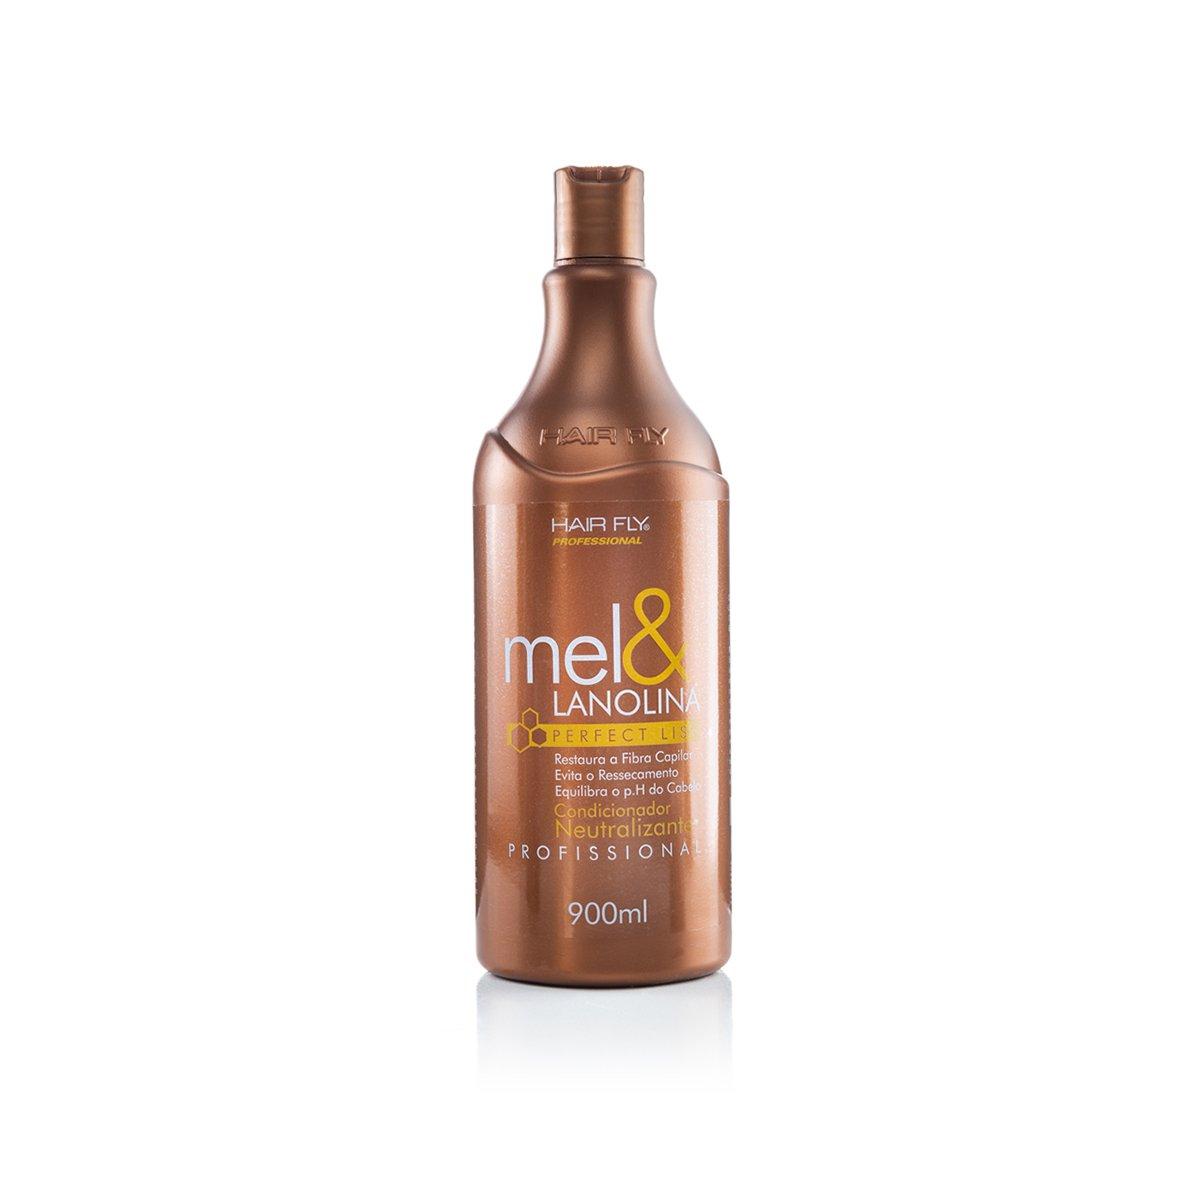 HAIR FLY CONDICIONADOR NEUTRALIZANTE MEL & LANOLINA 900ML